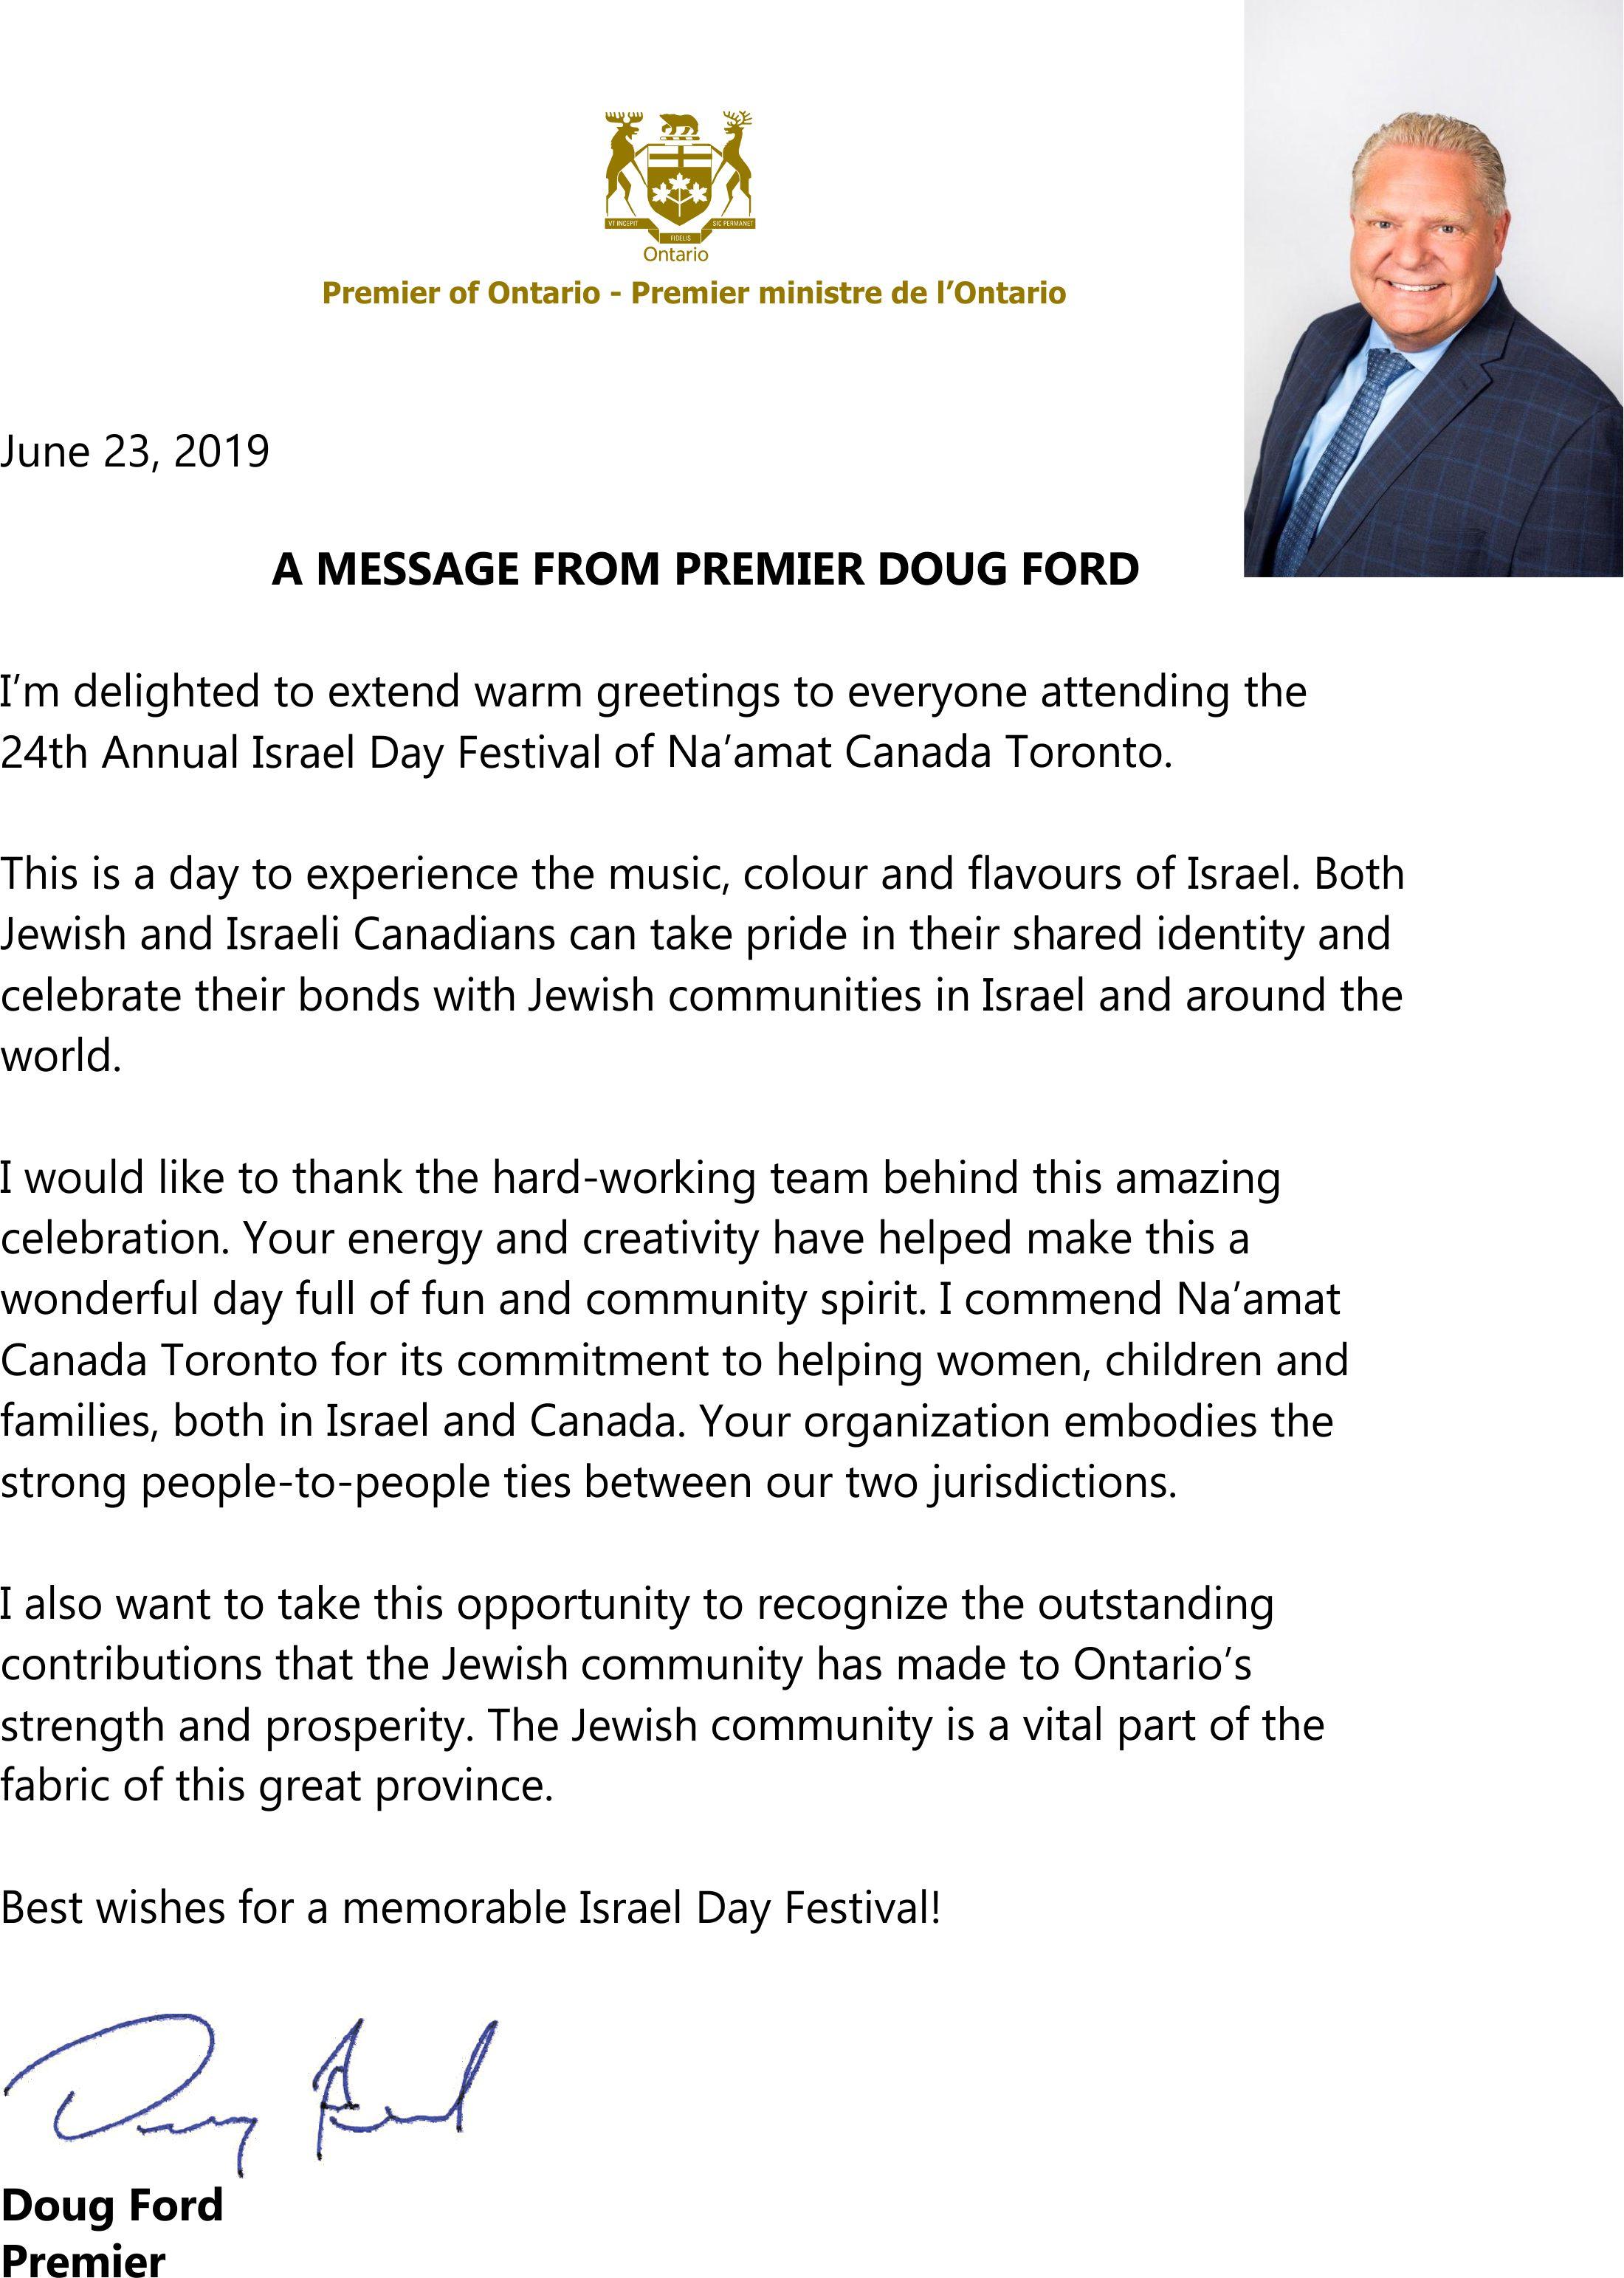 Doug Ford - Premier.jpg